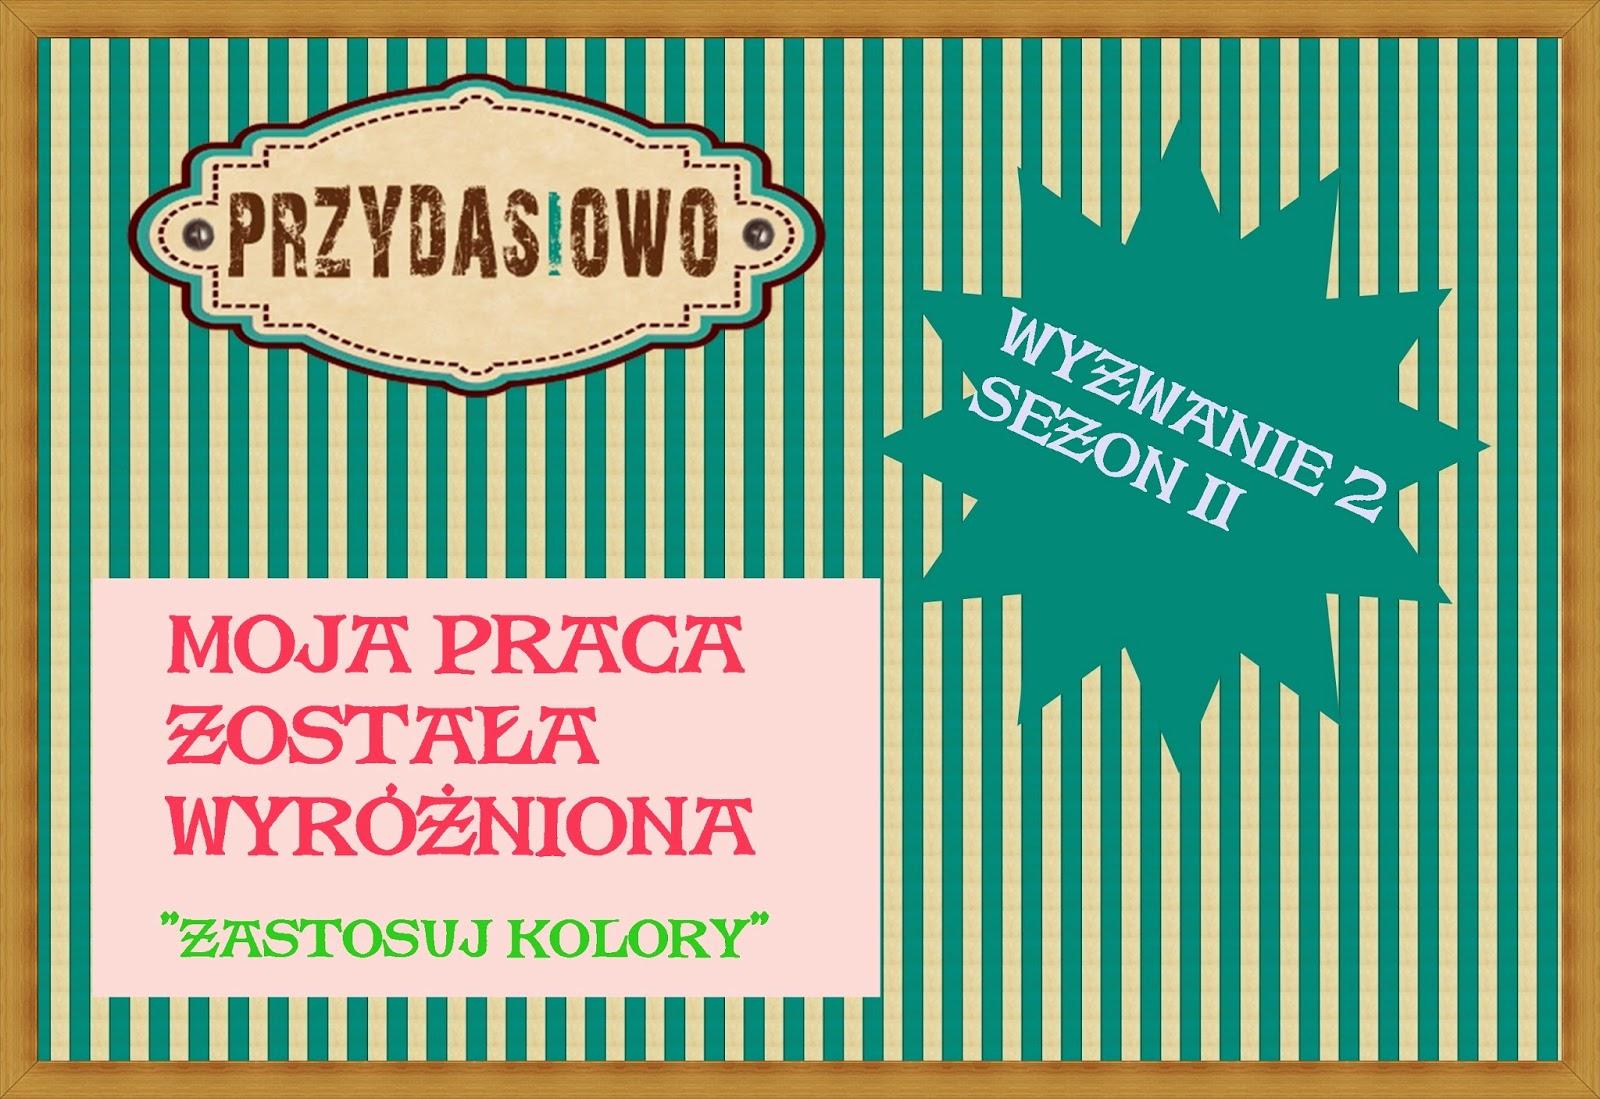 http://franki-przydasiowo.blogspot.com/2014/06/wyniki-2-wyzwania-sezon-ii.html